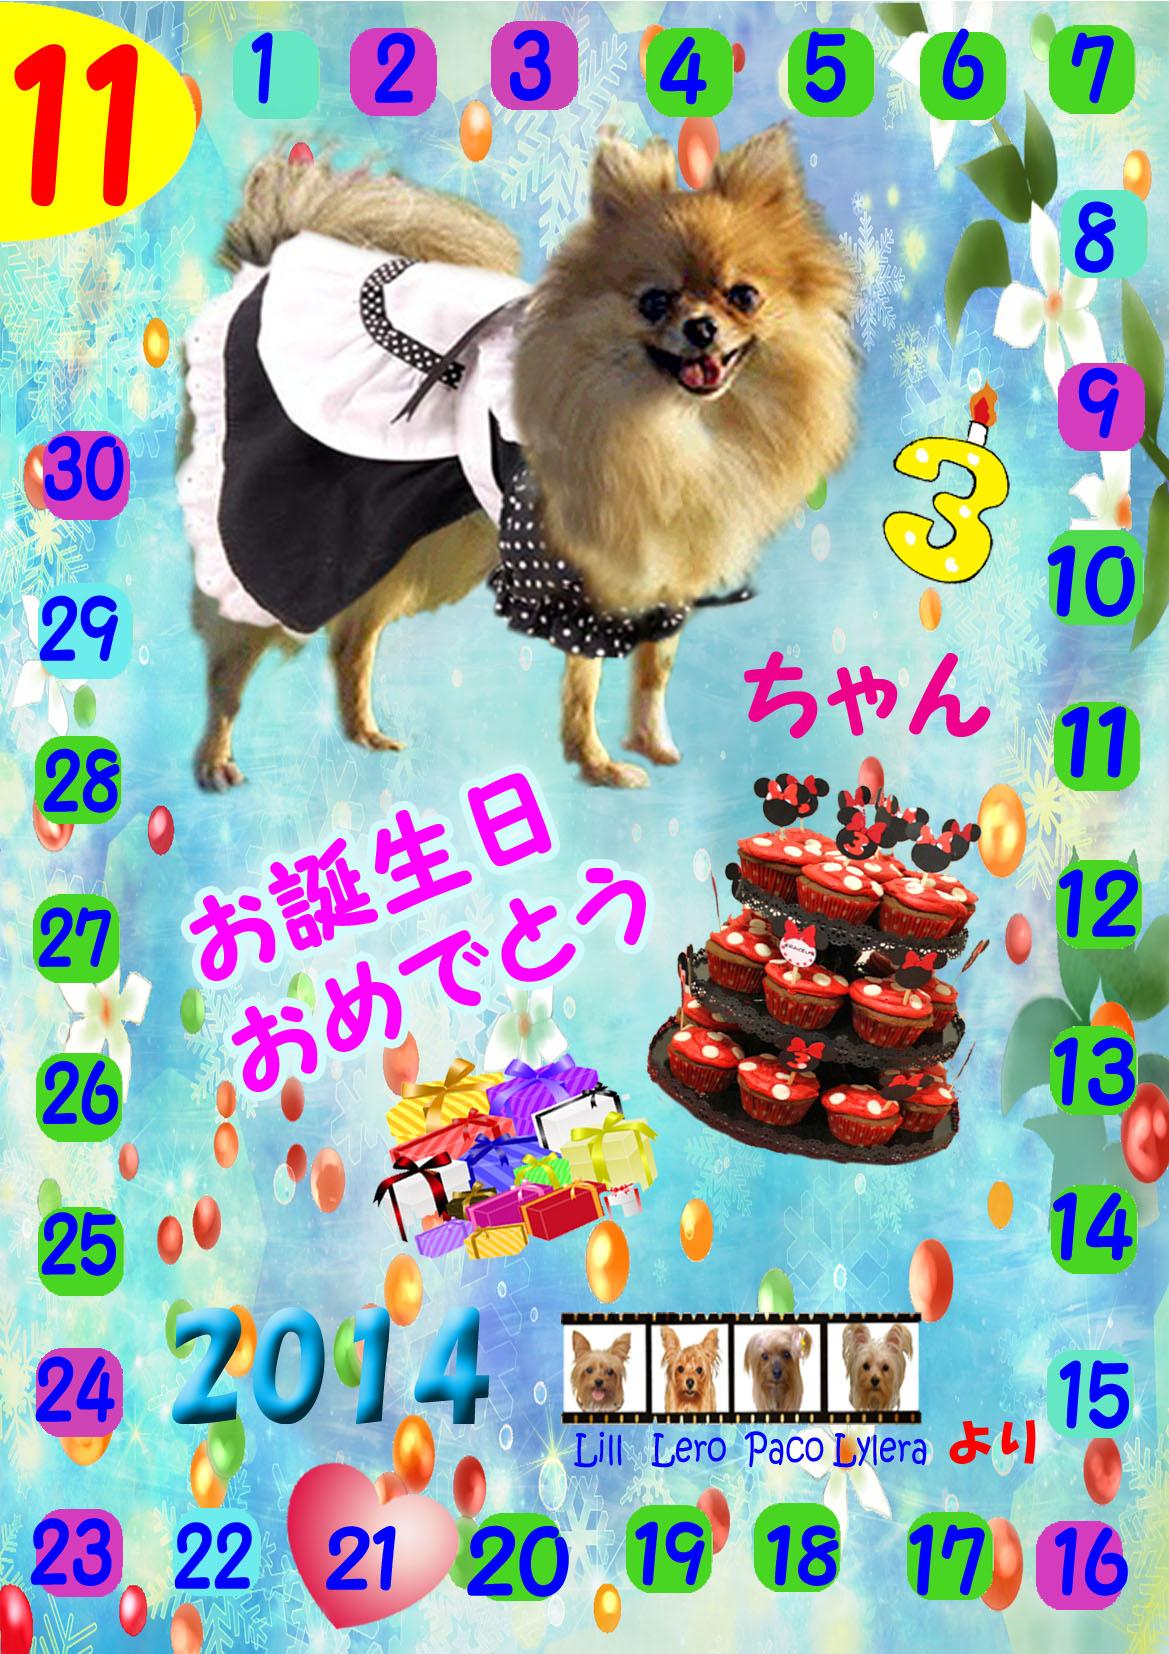 11-21-2014日菜子ちゃん誕生日カード のコピー